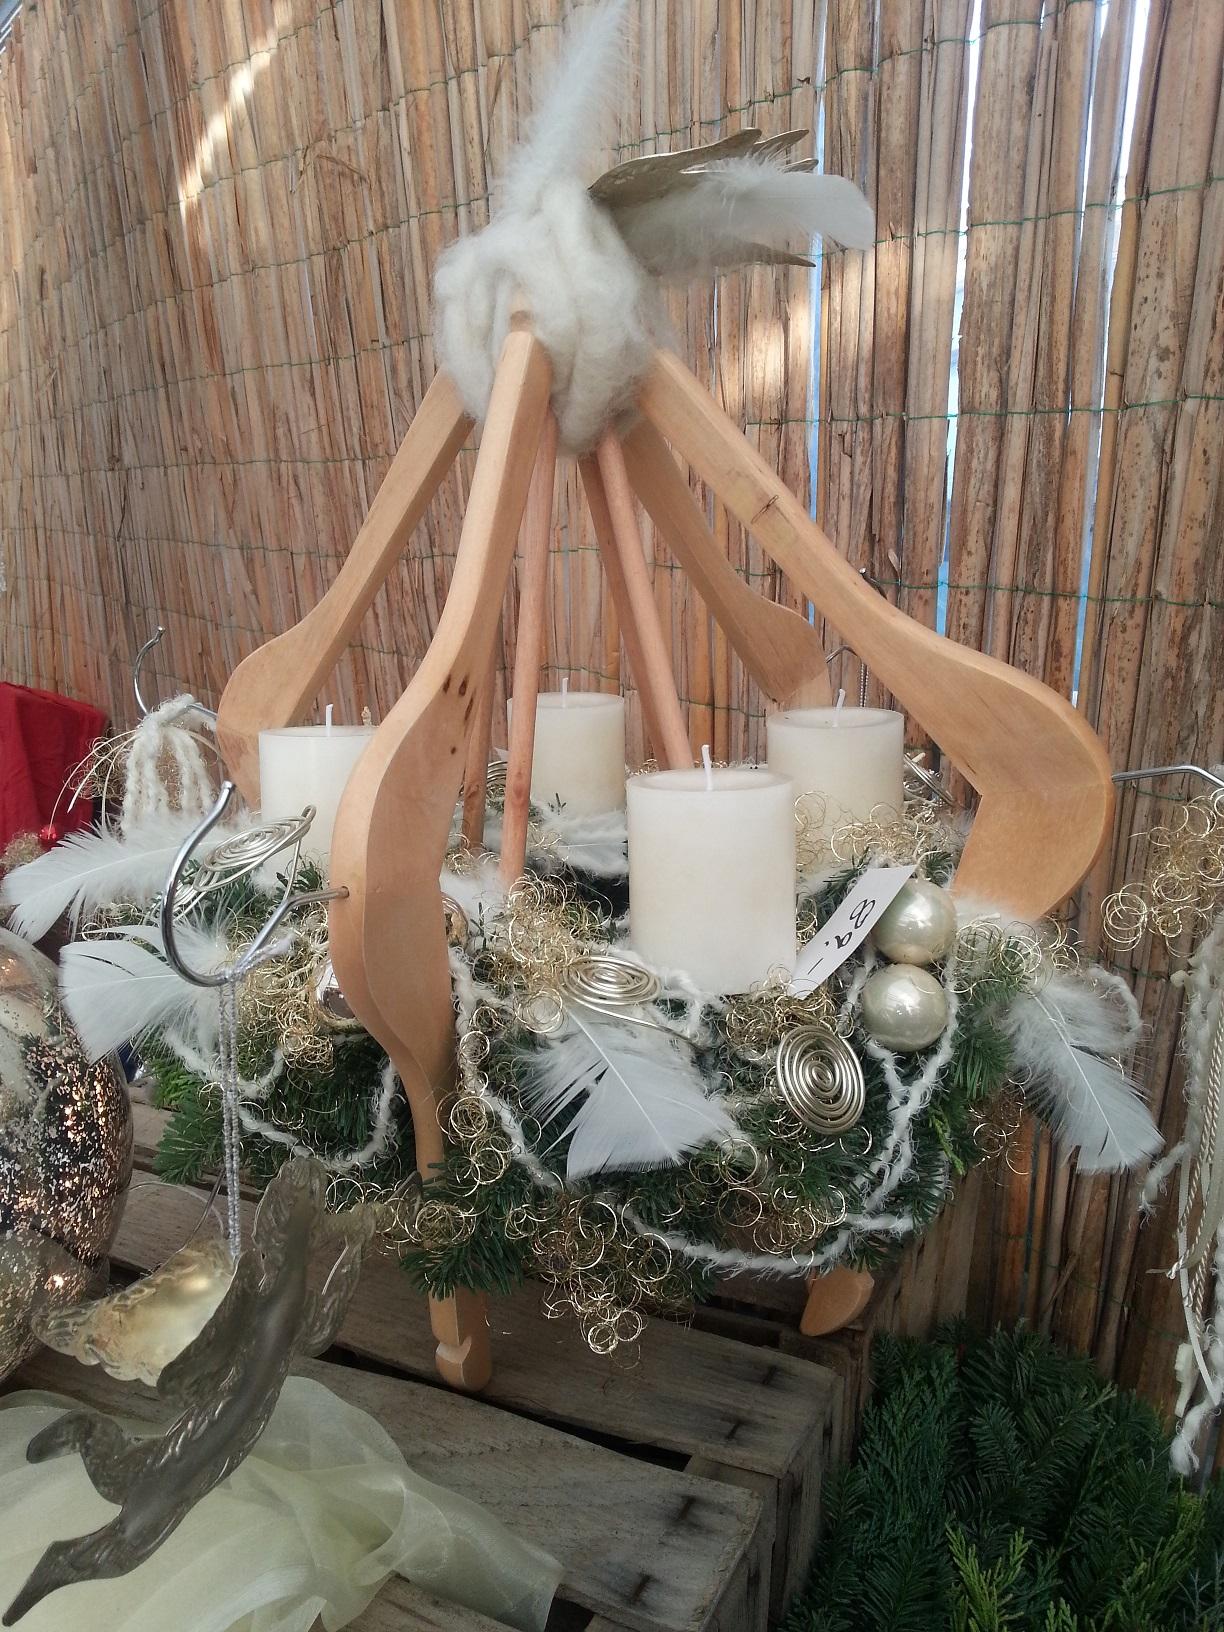 ungew hnliche adventskr nze advent weihnachten green24 hilfe pflege bilder. Black Bedroom Furniture Sets. Home Design Ideas